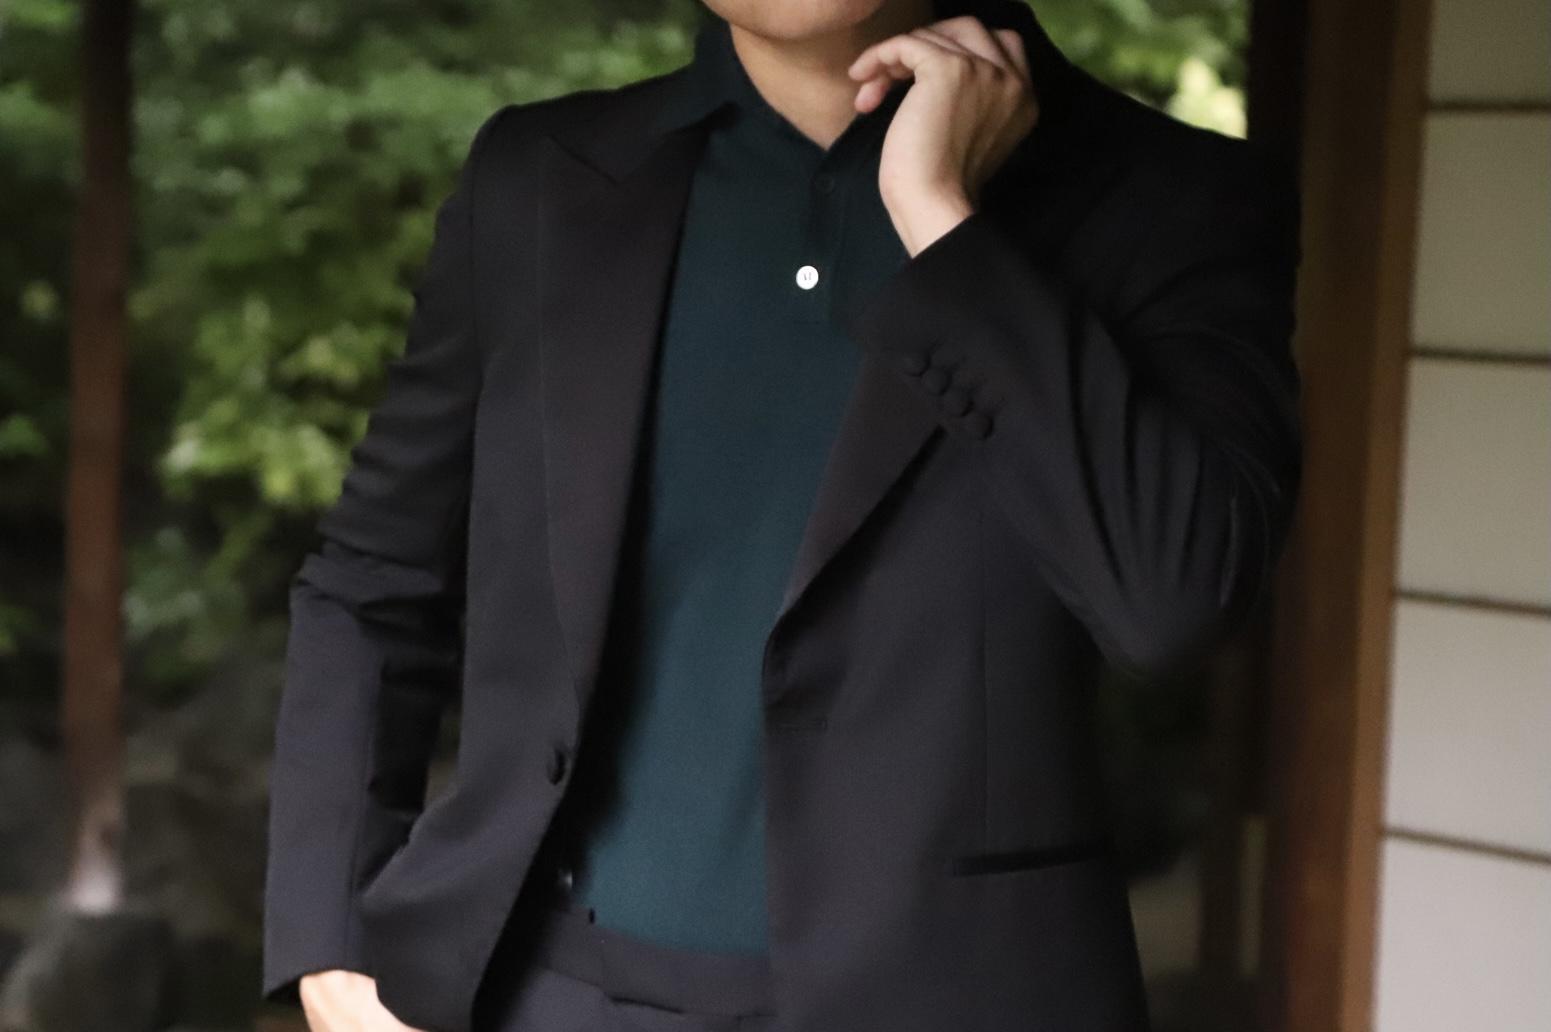 ザトリートドレッシング大阪店がご紹介するご新郎様におすすめのオーダータキシードとポロシャツを使用したカジュアルコーディネート